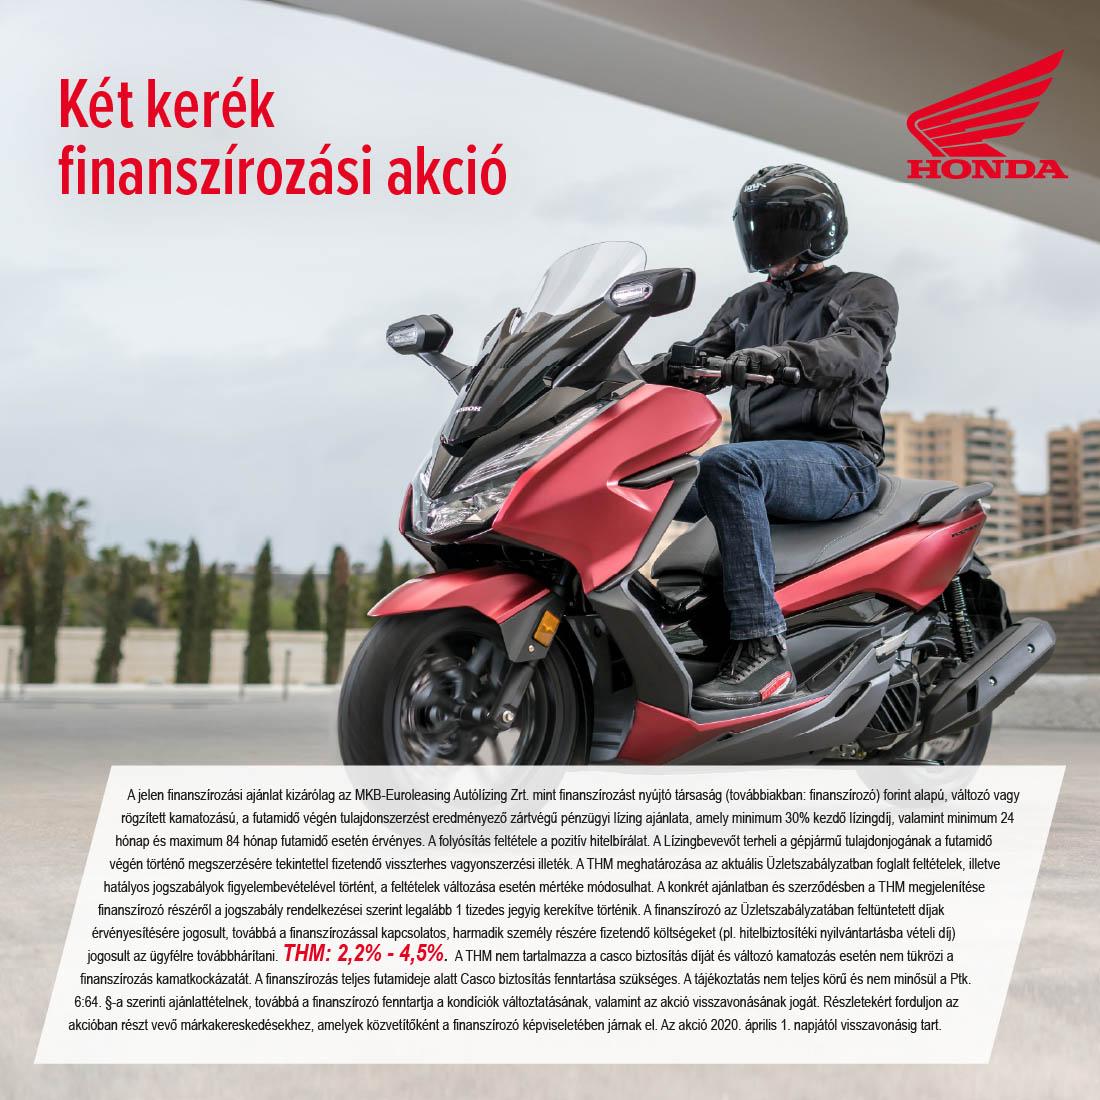 Honda motorok